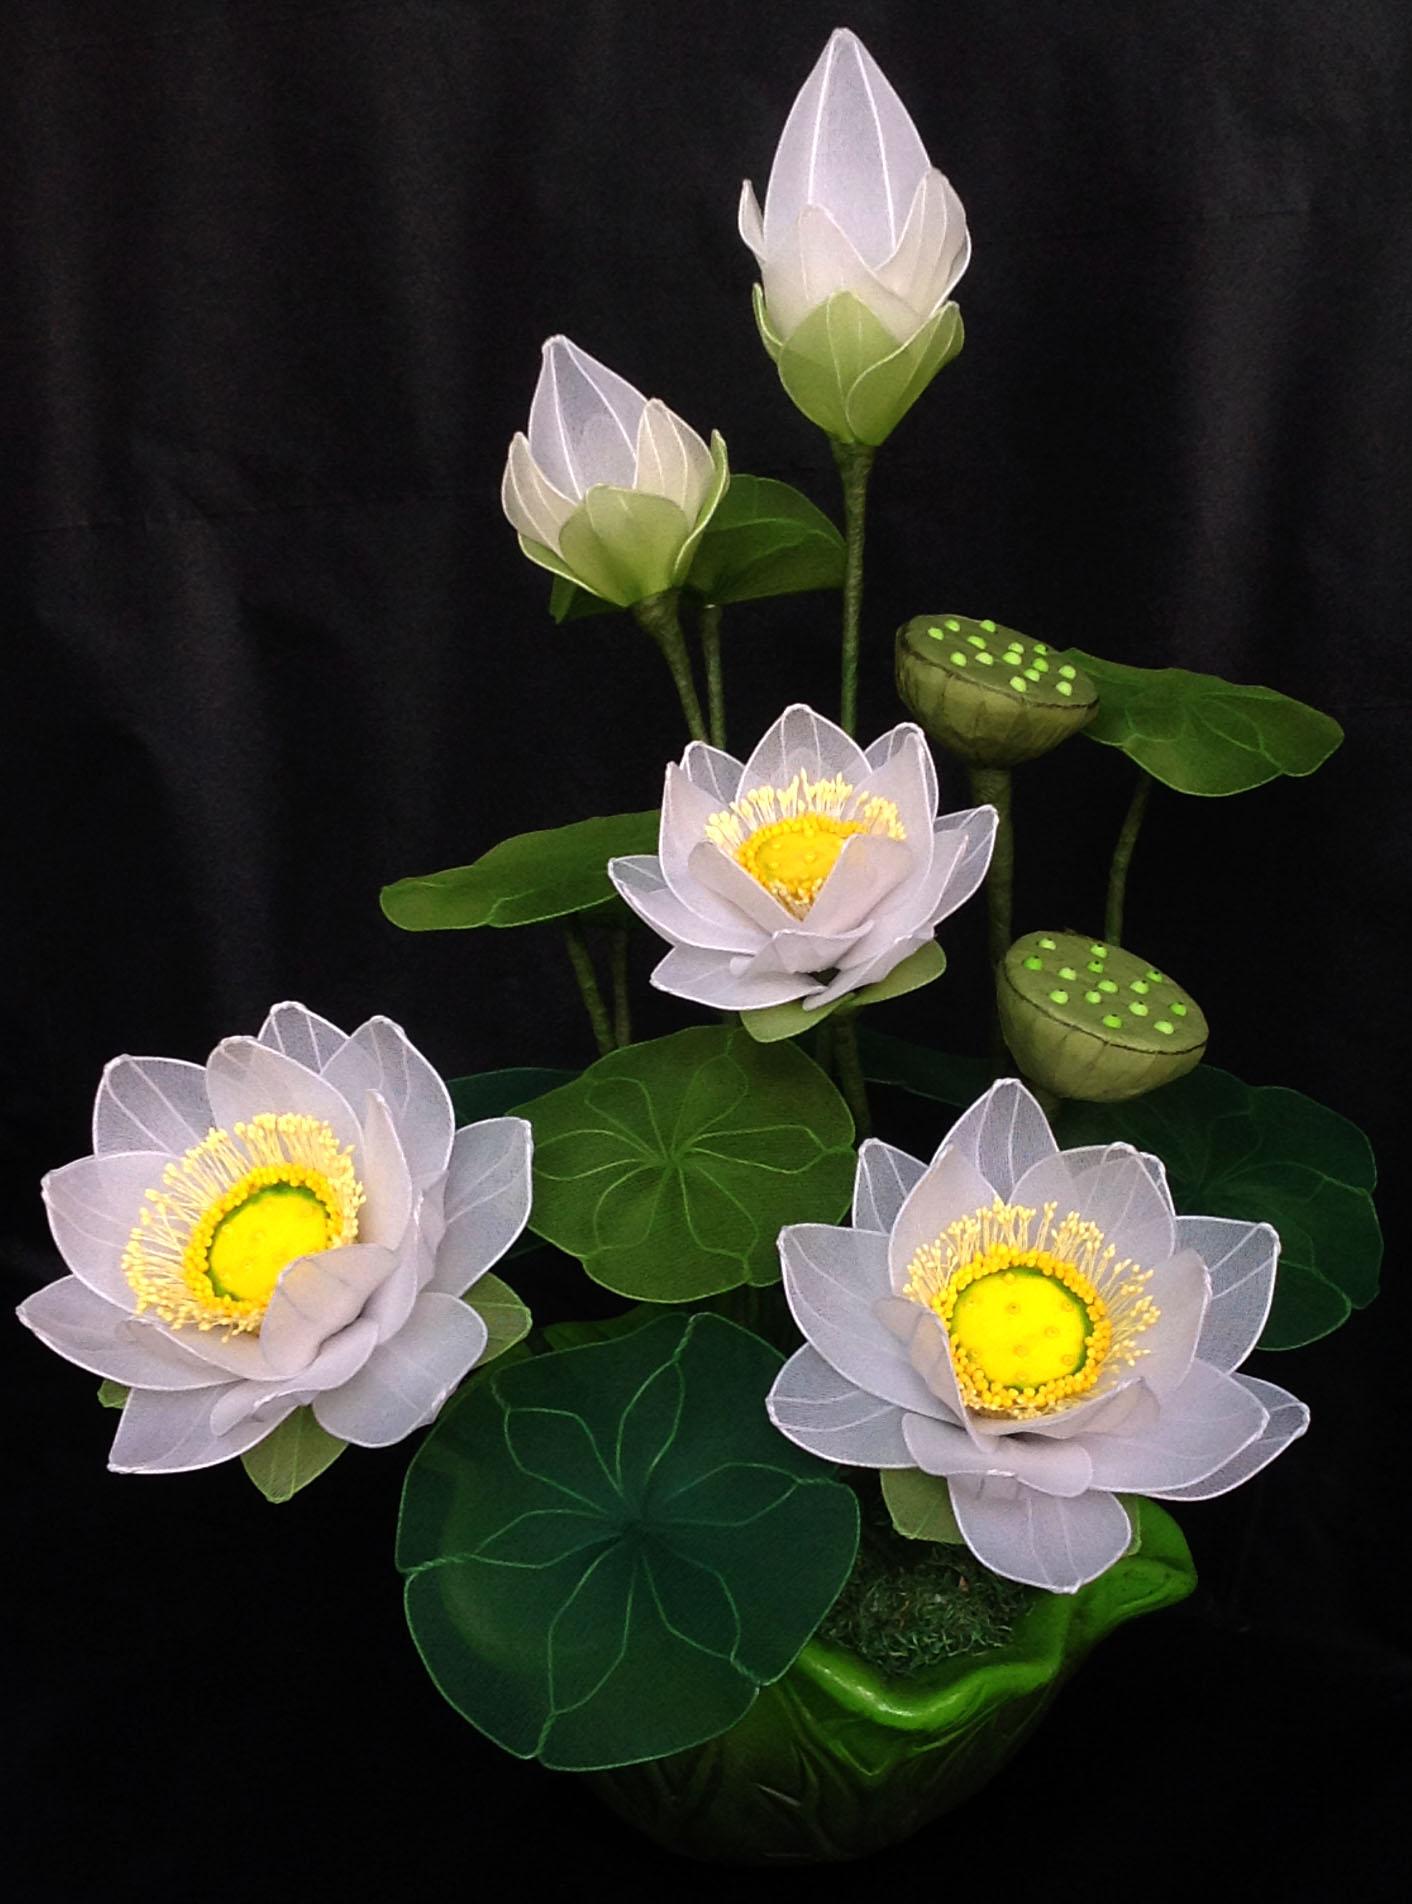 Không khéo tay cắm tay hoa tươi thì chọn ngay những loại hoa giả trang trí nhà cửa này, khách đến chơi ai cũng khen tấm tắc - Ảnh 5.